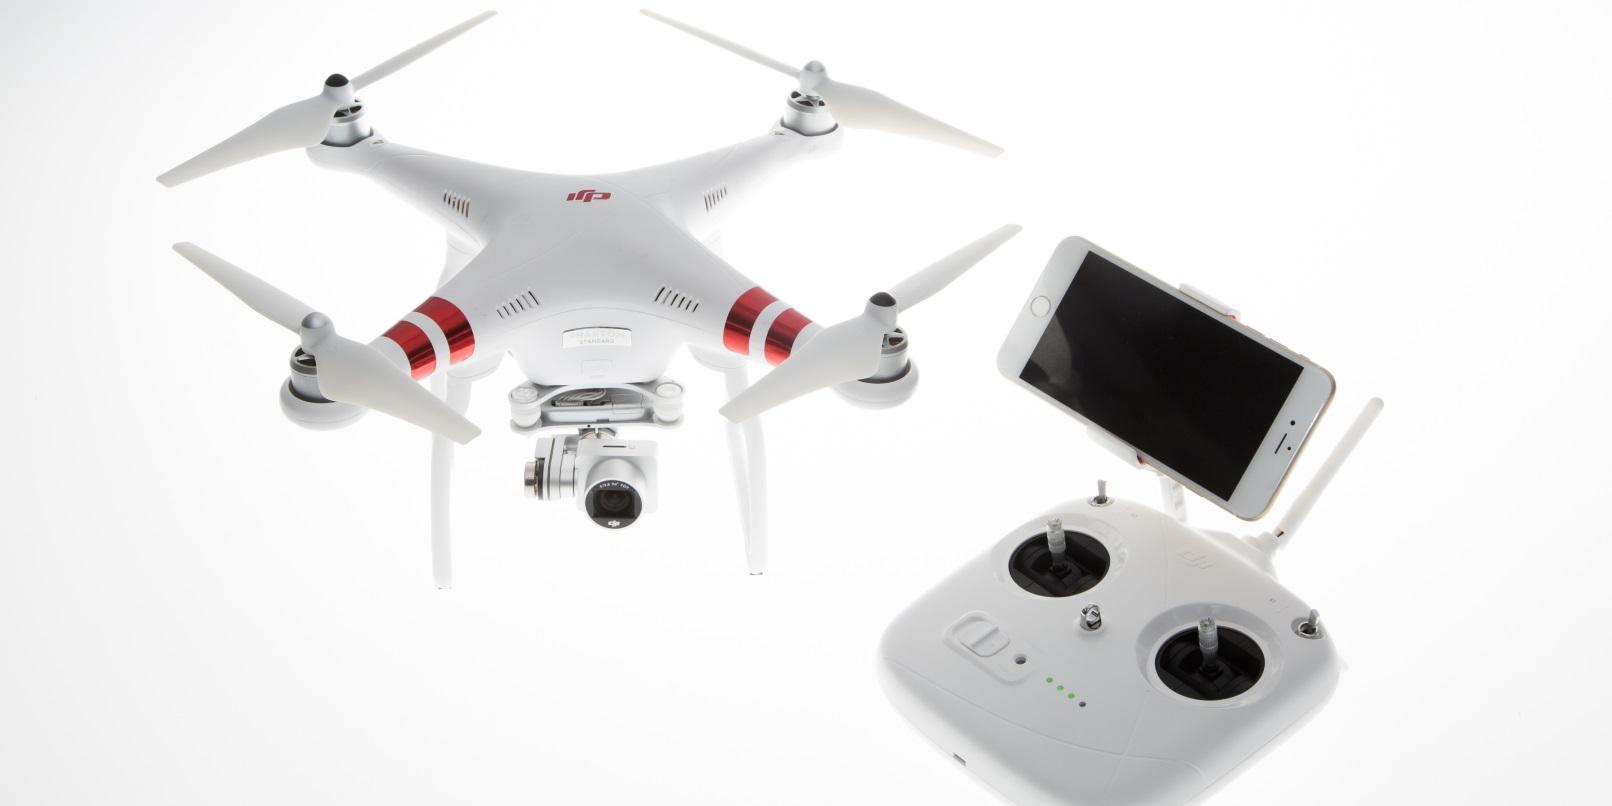 Promotion acheter drone hexo+, avis avis drone parrot bebop